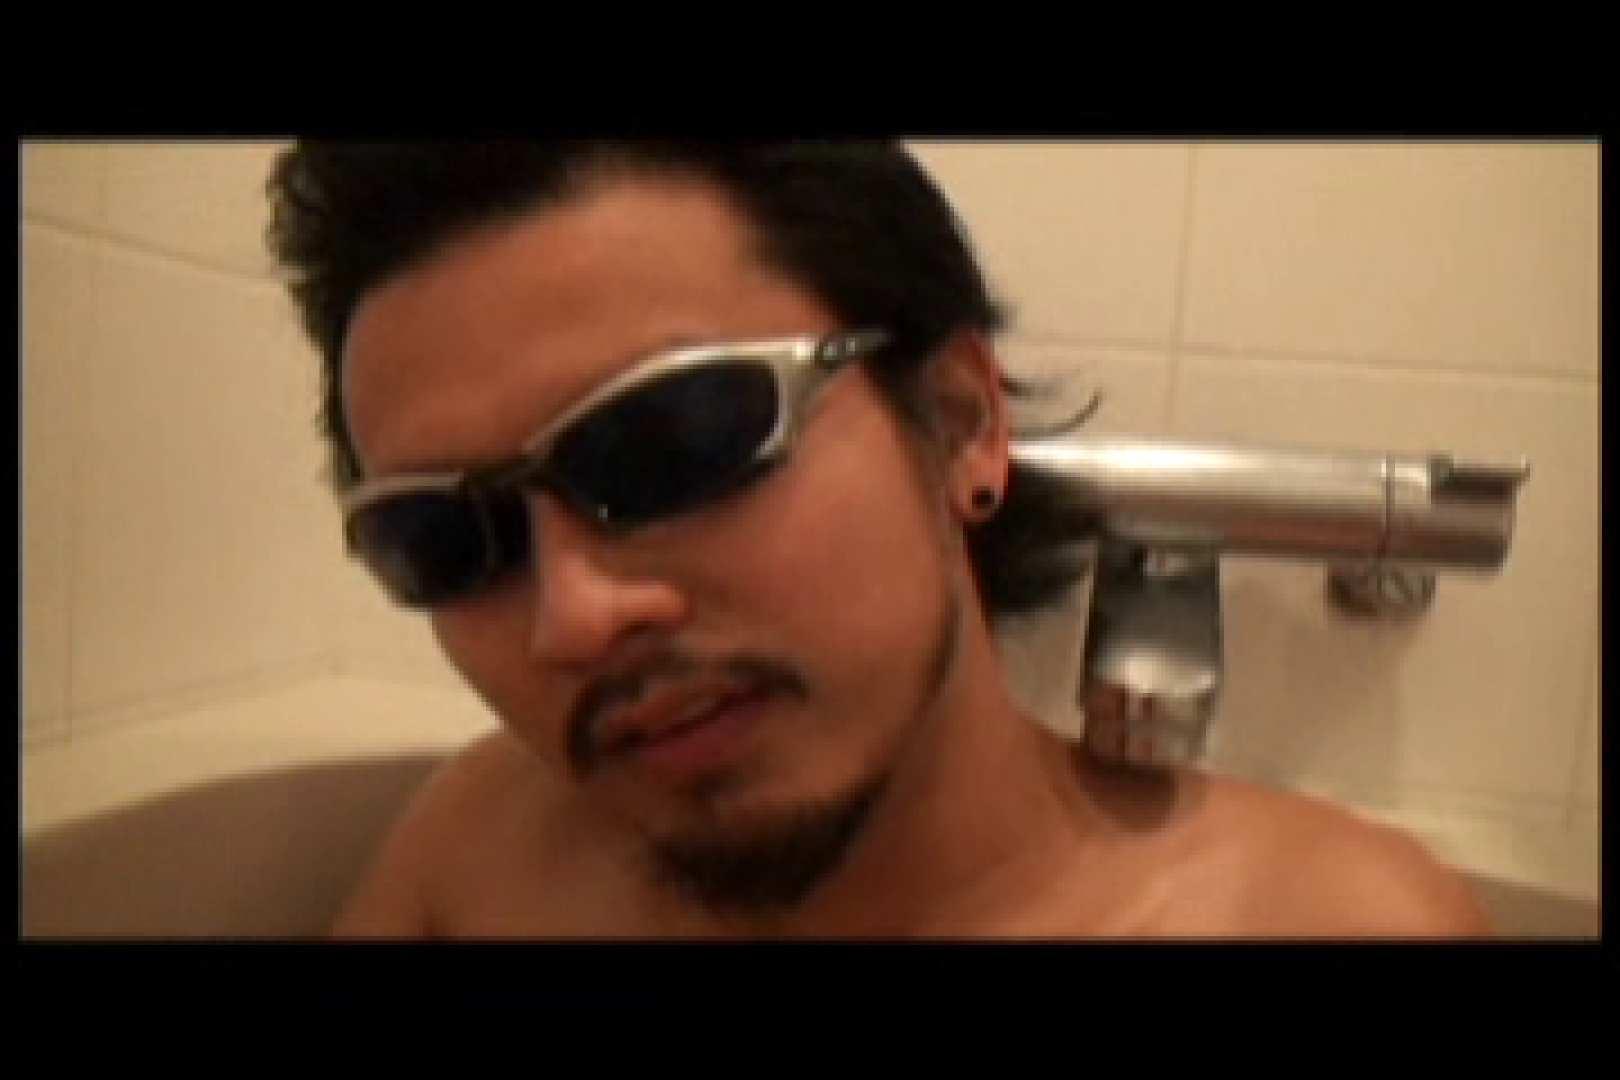 スジ筋ガチムチゴーグルマンvol3 メンズのチンコ ゲイアダルトビデオ画像 66画像 36